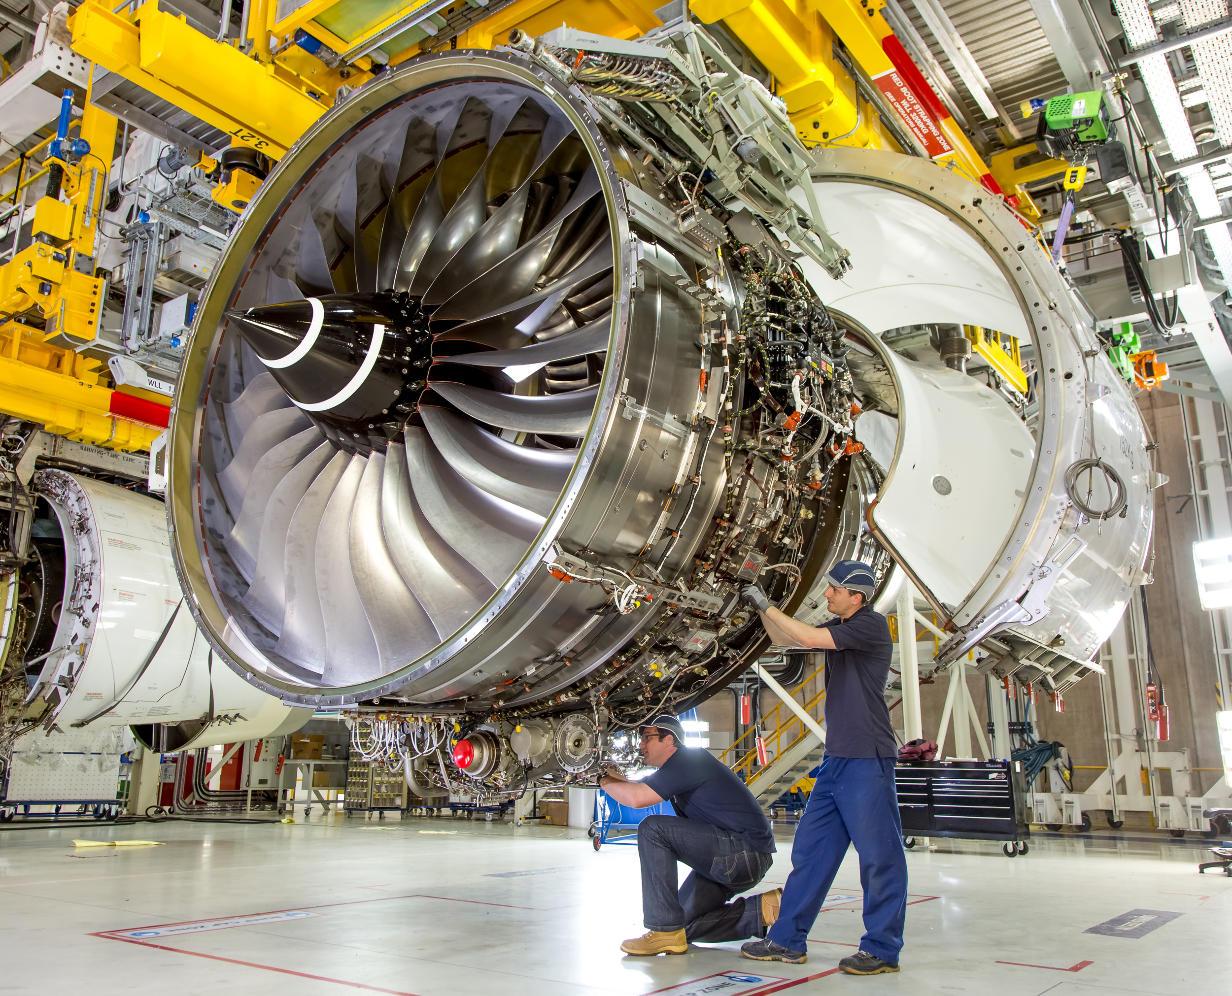 Le Rolls-Royce Trent XWB-97 est certifié